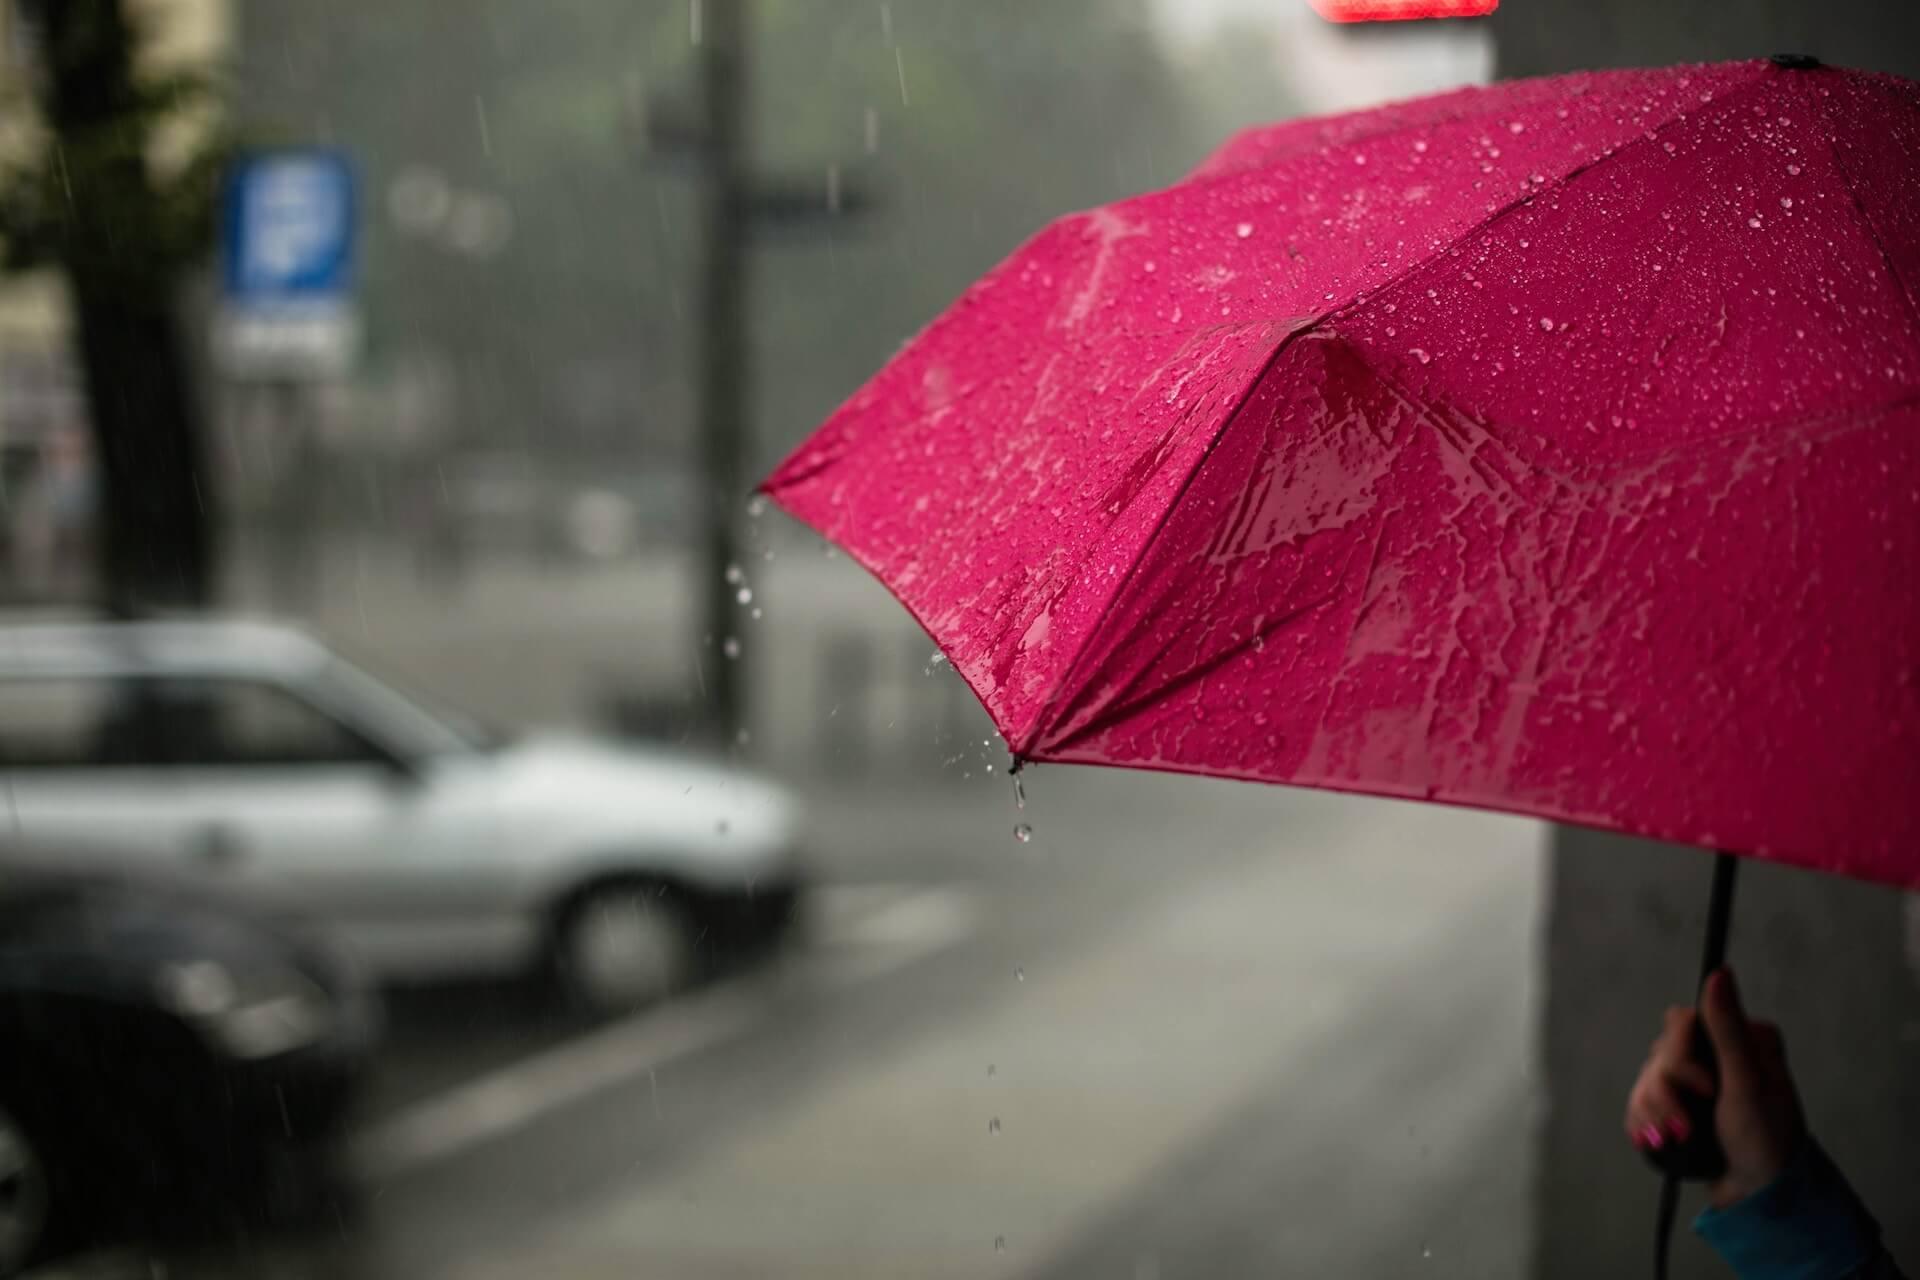 台風対策の味方!「LINEほけん」から1日250円で加入できる「台風のときの安心保険」が提供中 tech191011_lineinsurance_03